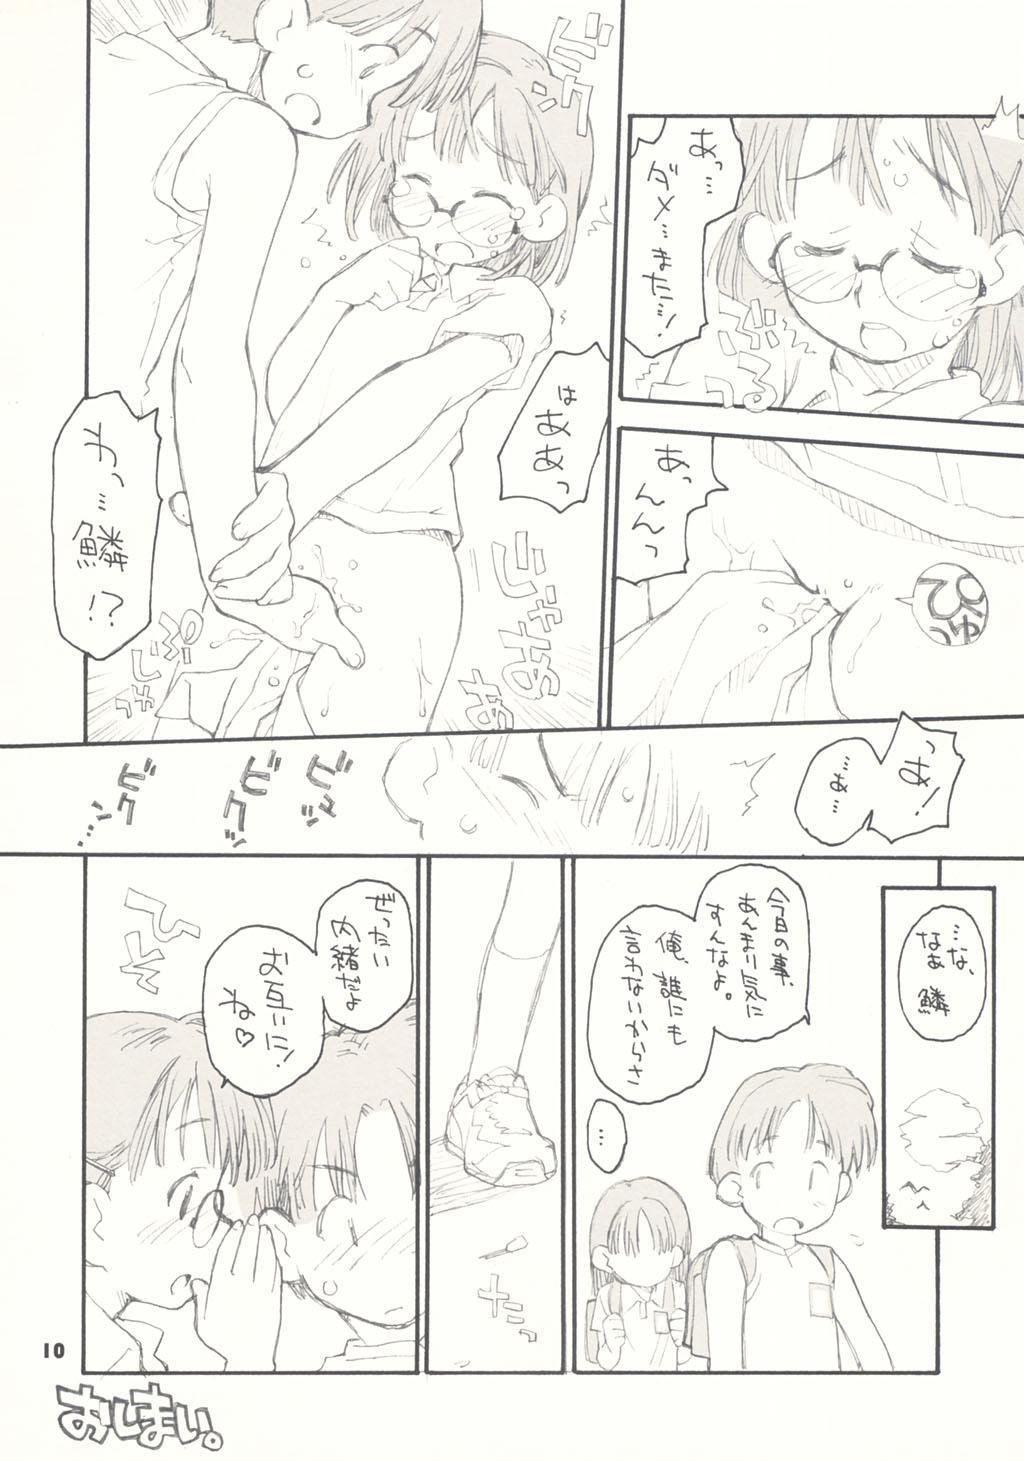 Tonari no Kimi 1-gakki 10